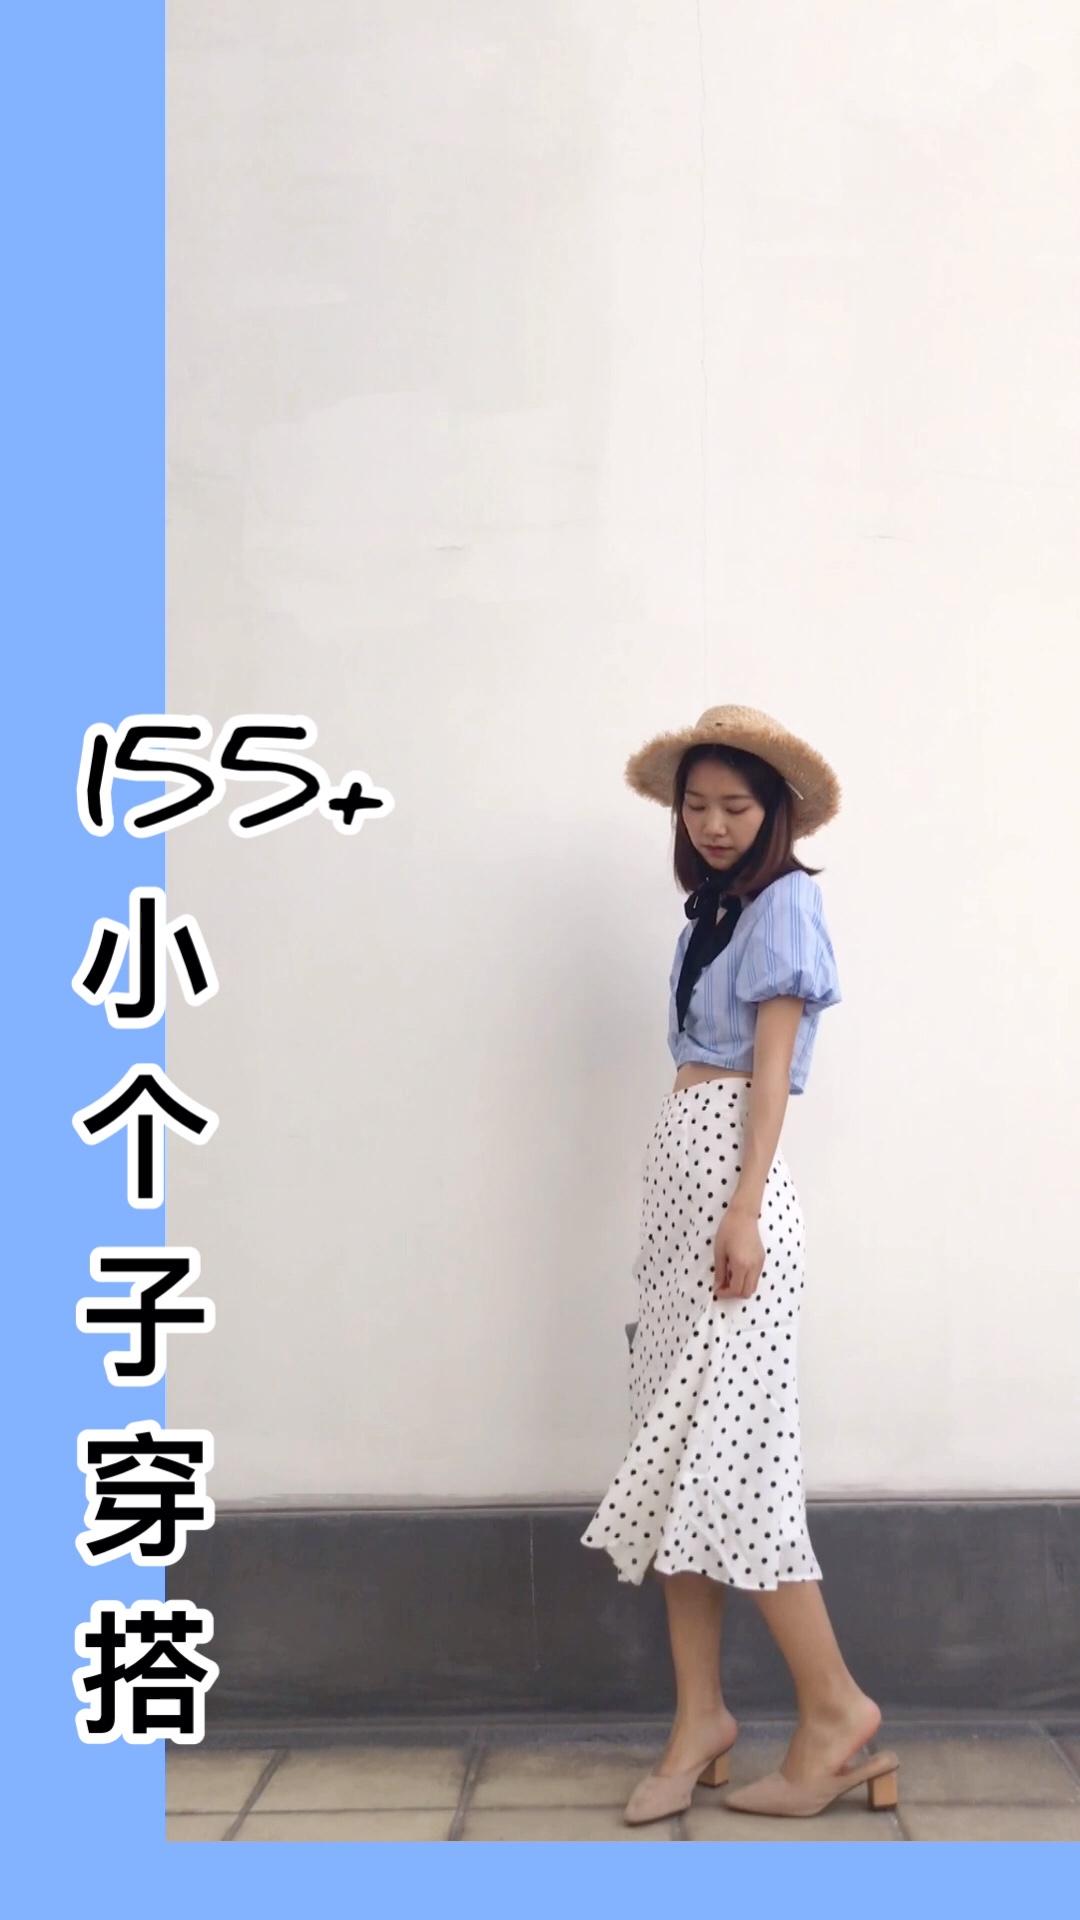 #小个子穿什么一键拉长比例#  夏天怎么也少不了一件清清爽爽的蓝色上衣 袖子有点泡泡袖的感JIO,但整体比较收,不会太蓬,这样不会显得肩宽 搭配一条白色波点半身裙,性感又女人味十足 今年这种小巧短短的款式真的很流行 销售也不挑人,还能拉长身材比例,满昏推荐